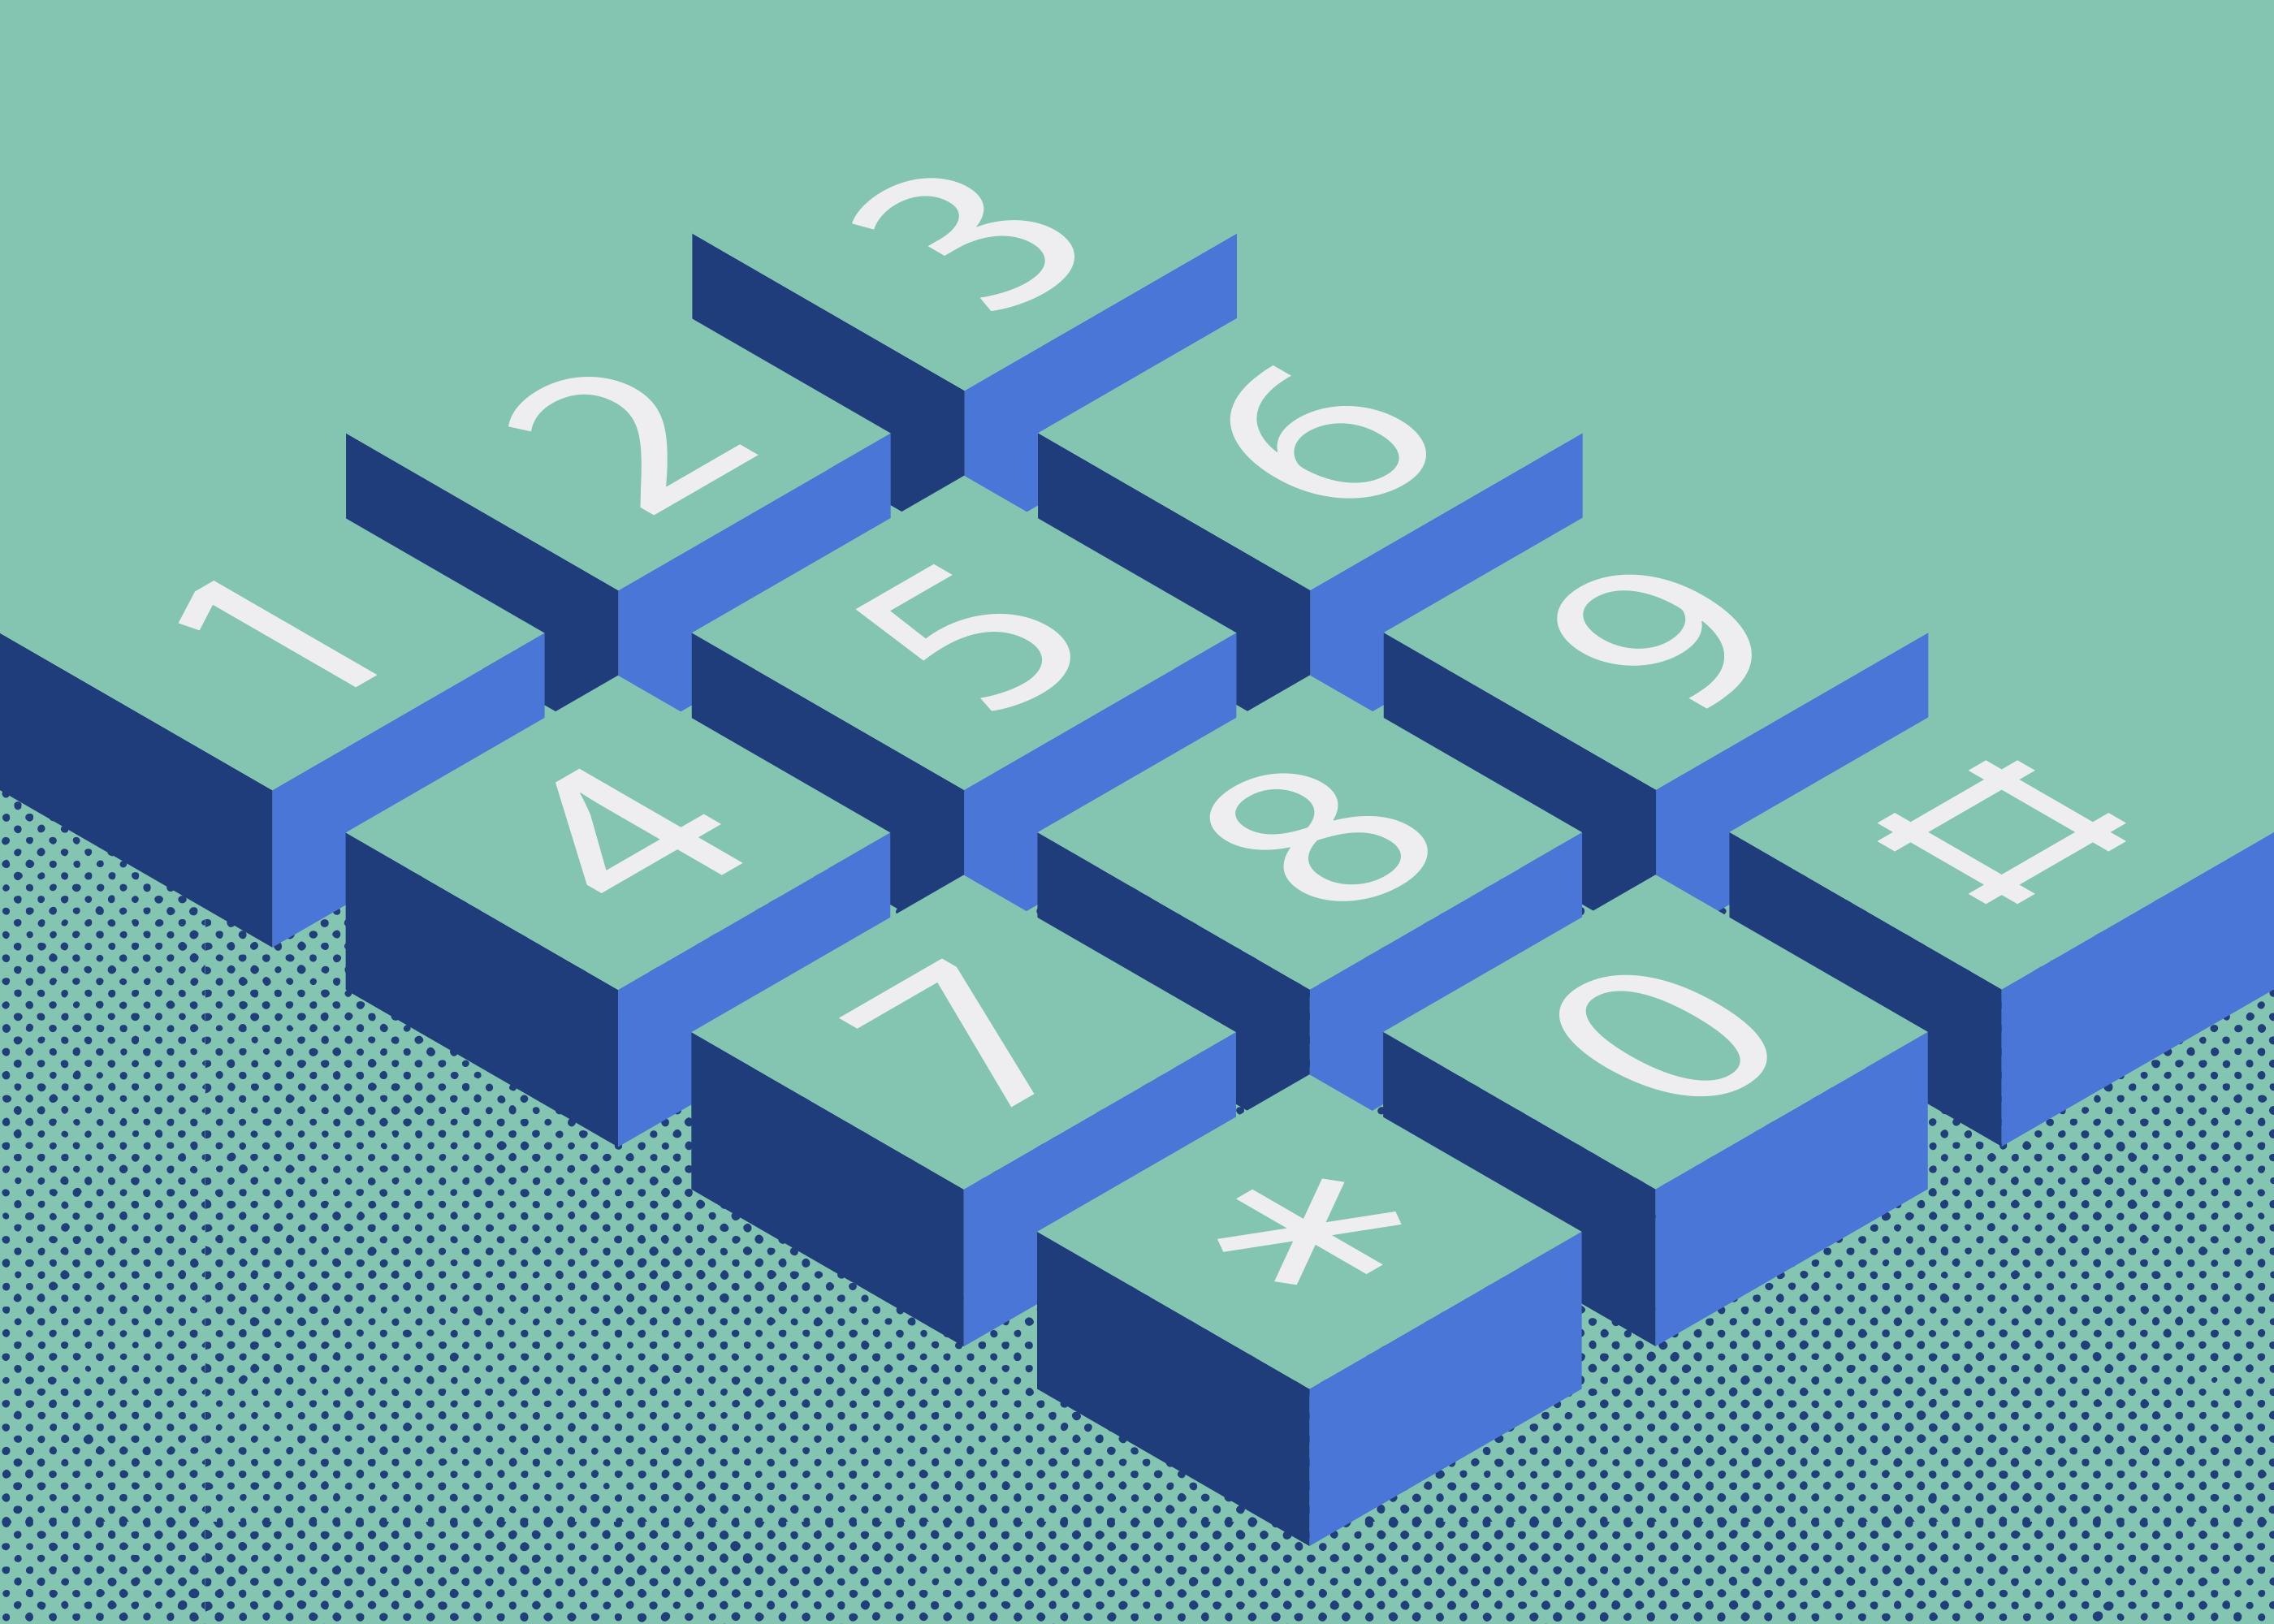 illustrated phone keypad